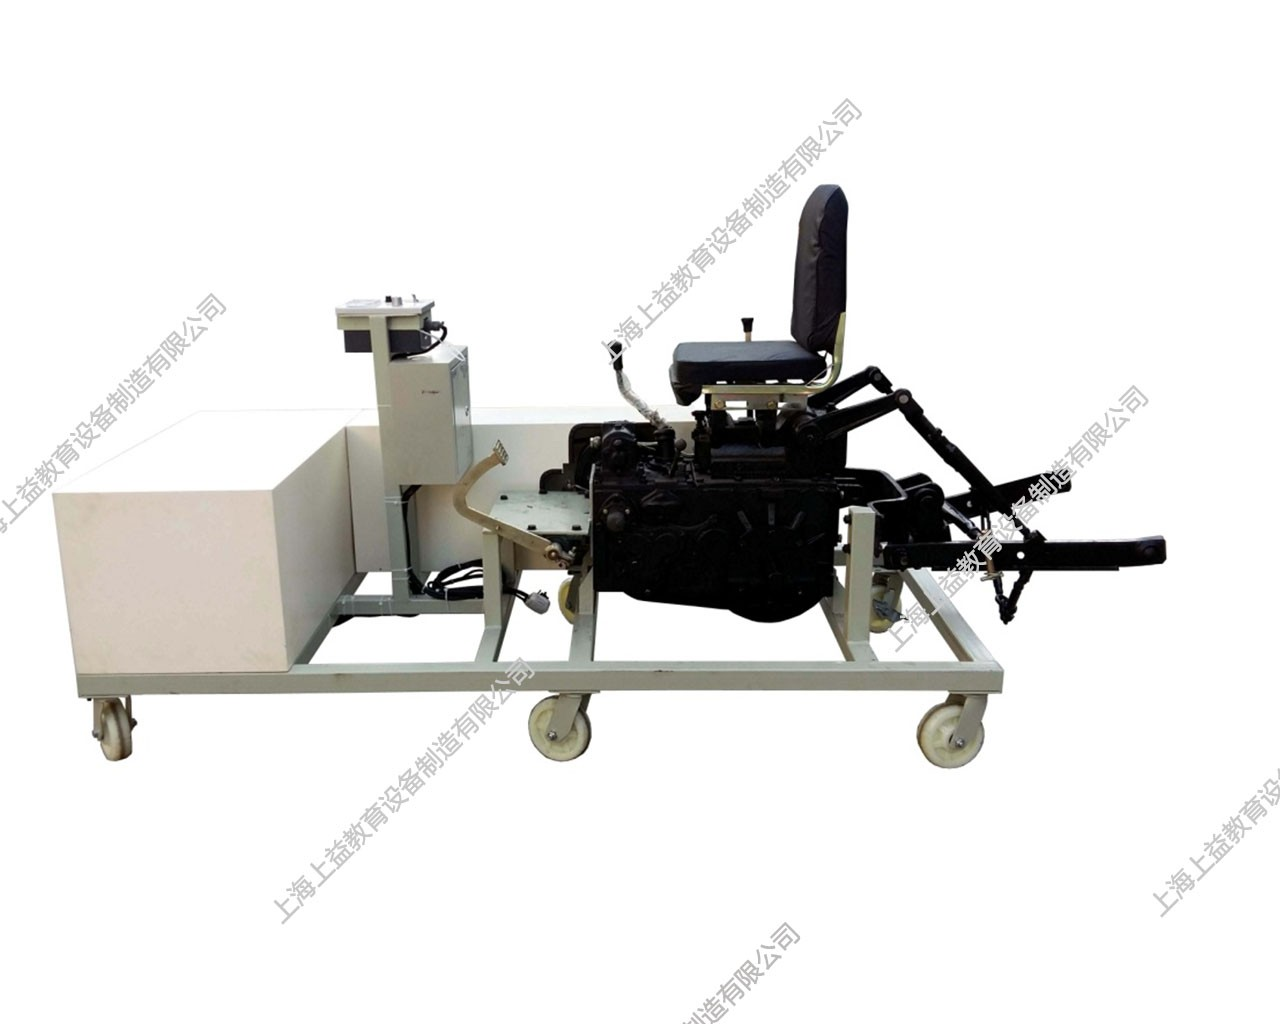 拖拉机整机液压操纵机构(工作装置)综合wwwlehu8vip台